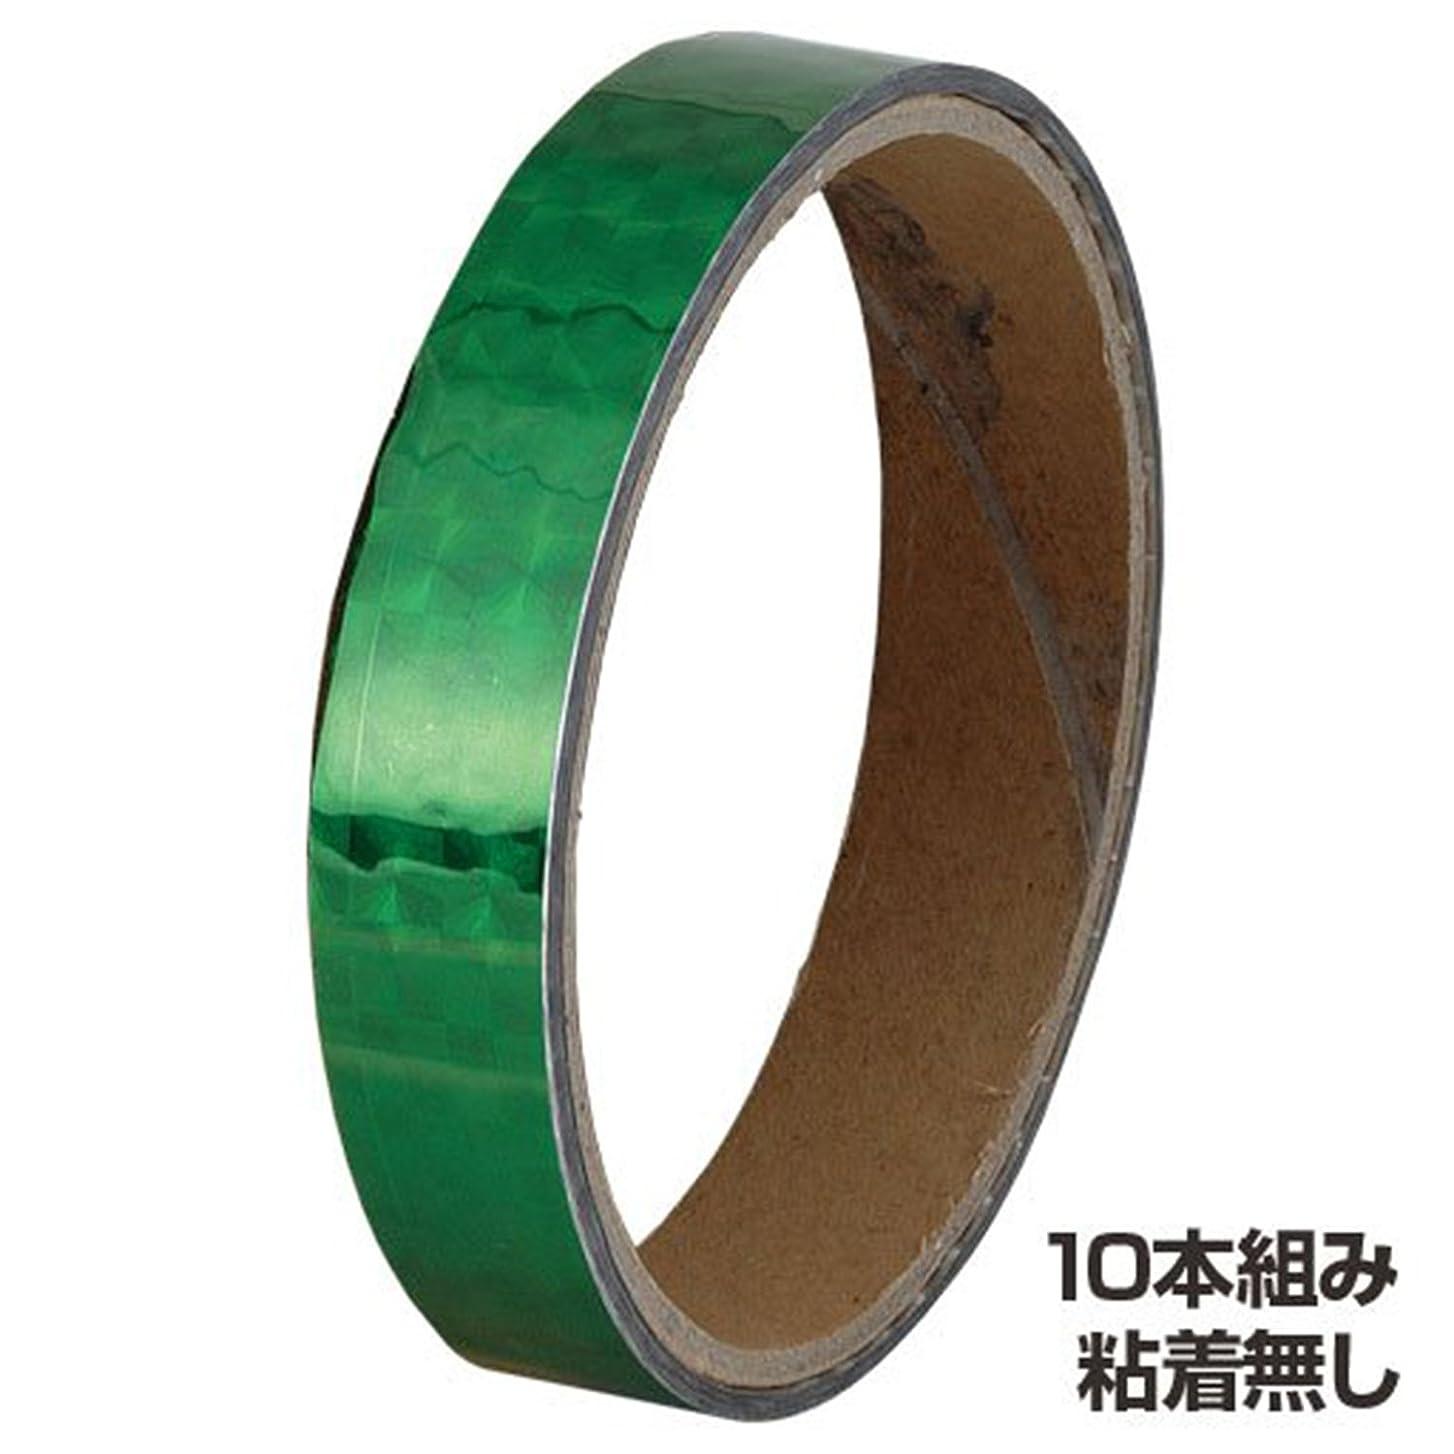 実業家タンザニアループアーテック ホログラムテープ (10本組) 緑 014092